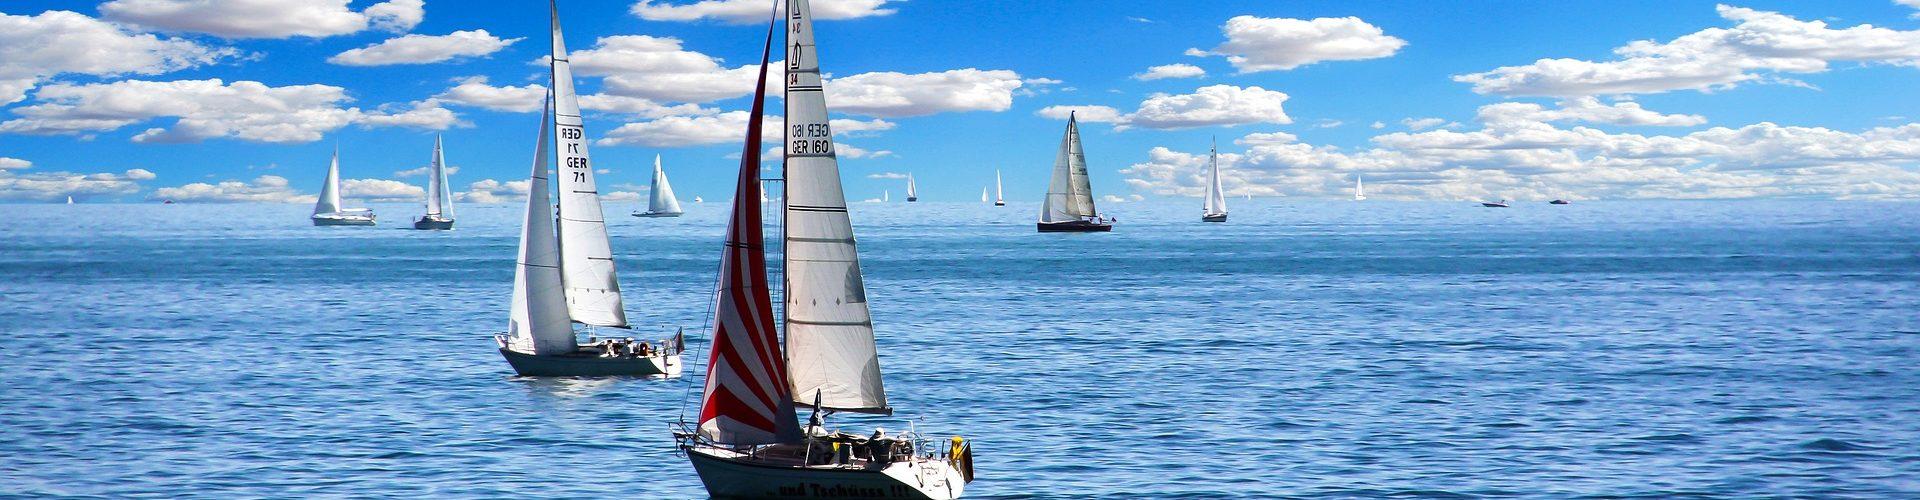 segeln lernen in Riesa segelschein machen in Riesa 1920x500 - Segeln lernen in Riesa